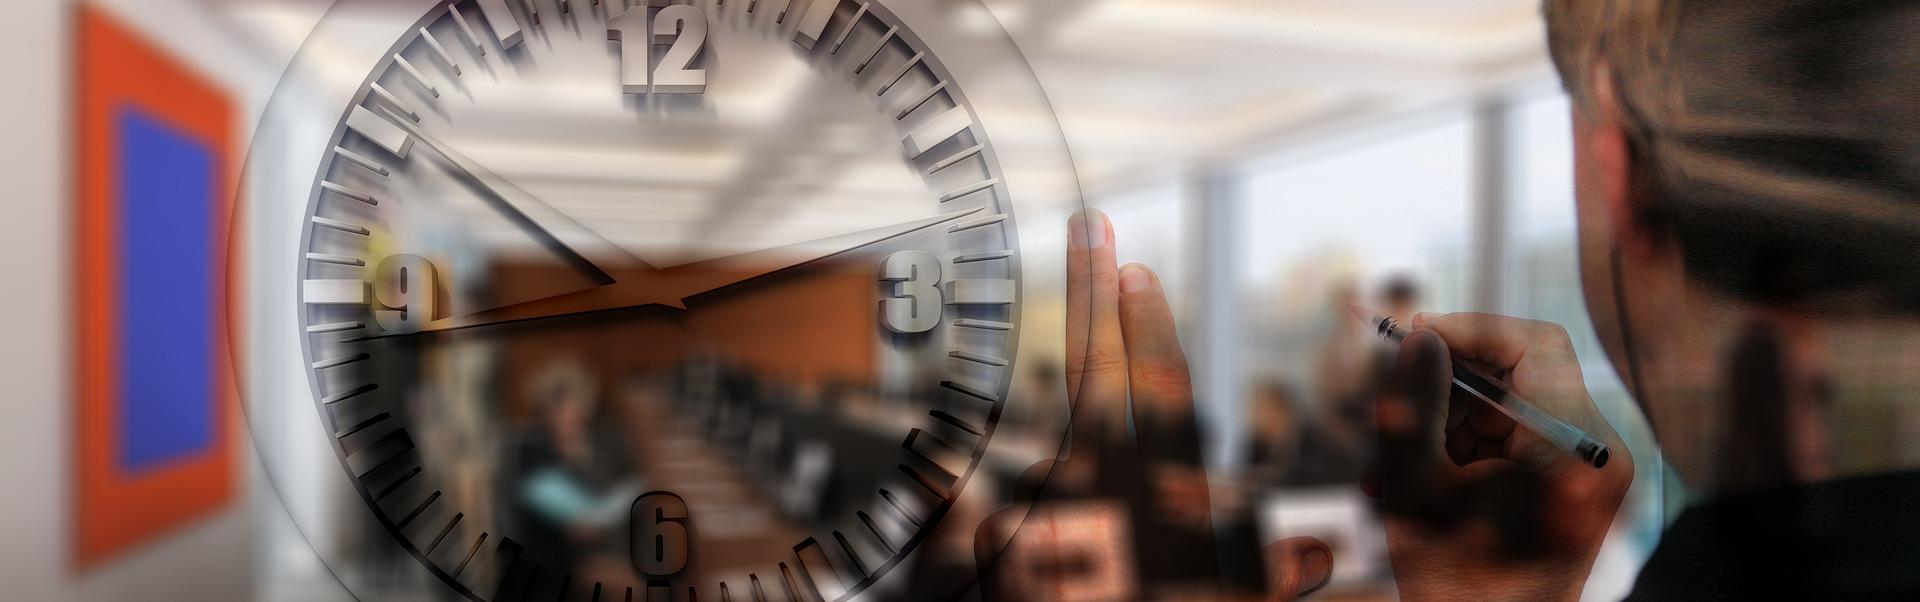 proyecto-tecnologico-cio El CIO y cómo presentar el proyecto tecnológico al comite de dirección